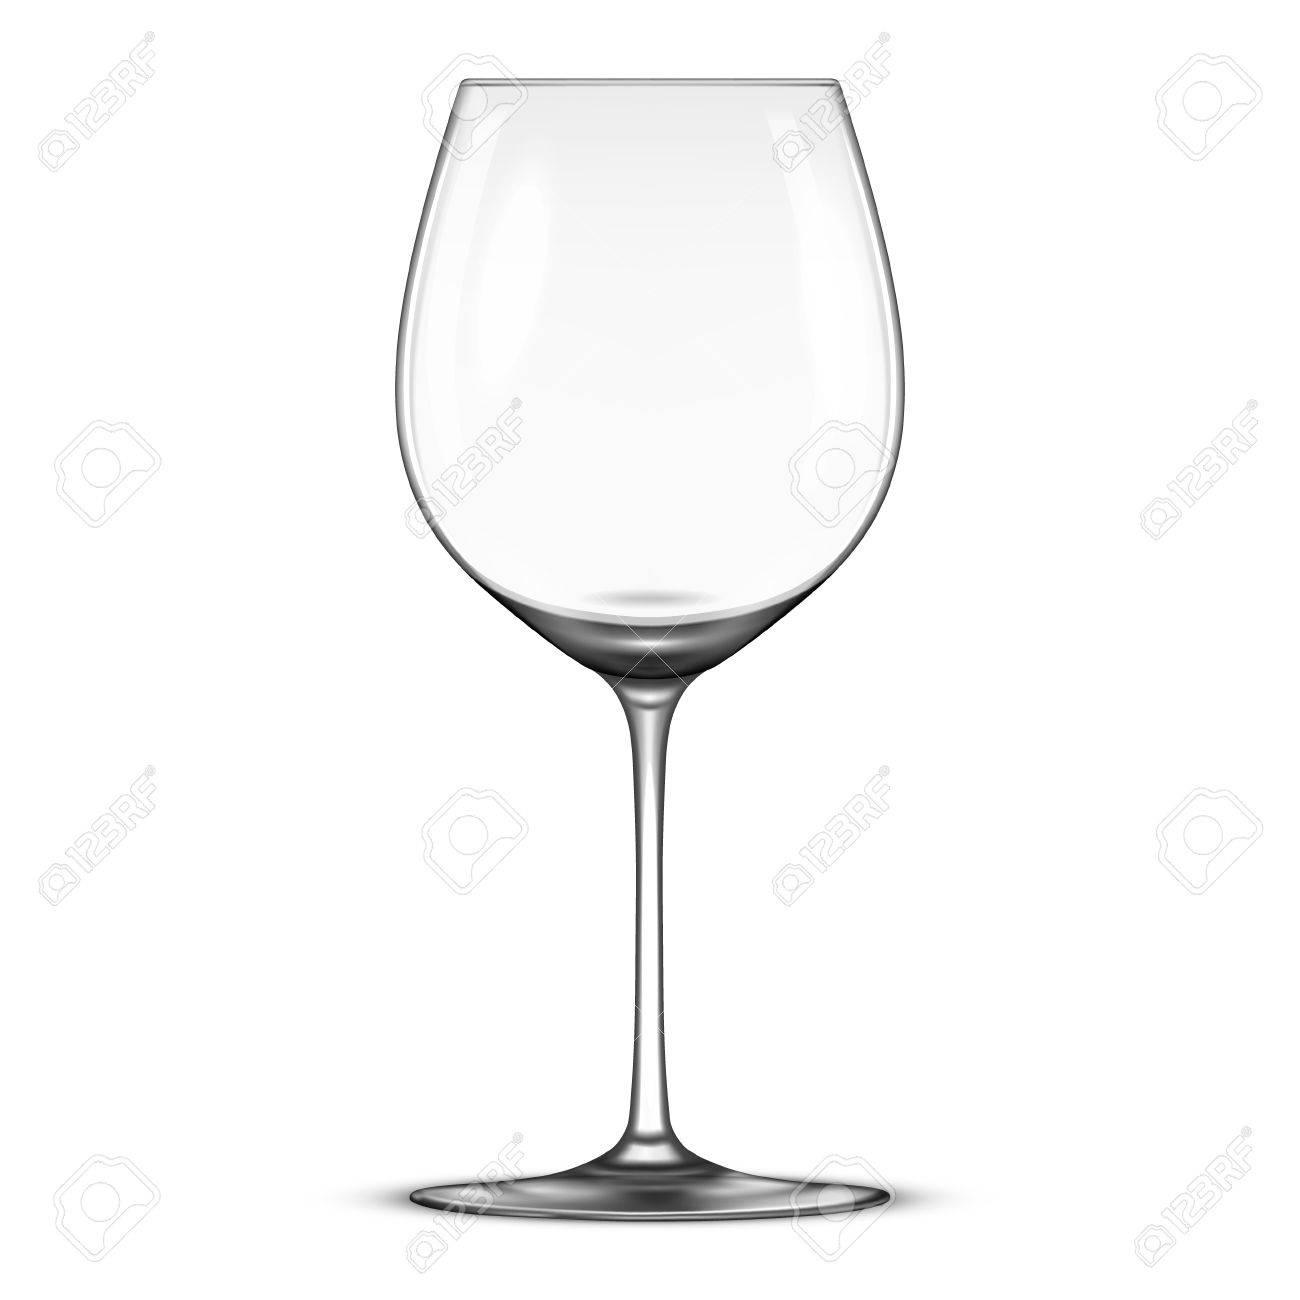 Vectoriel réaliste d'une icône en verre de vin vide isolé sur fond blanc. Modèle de conception dans EPS10.